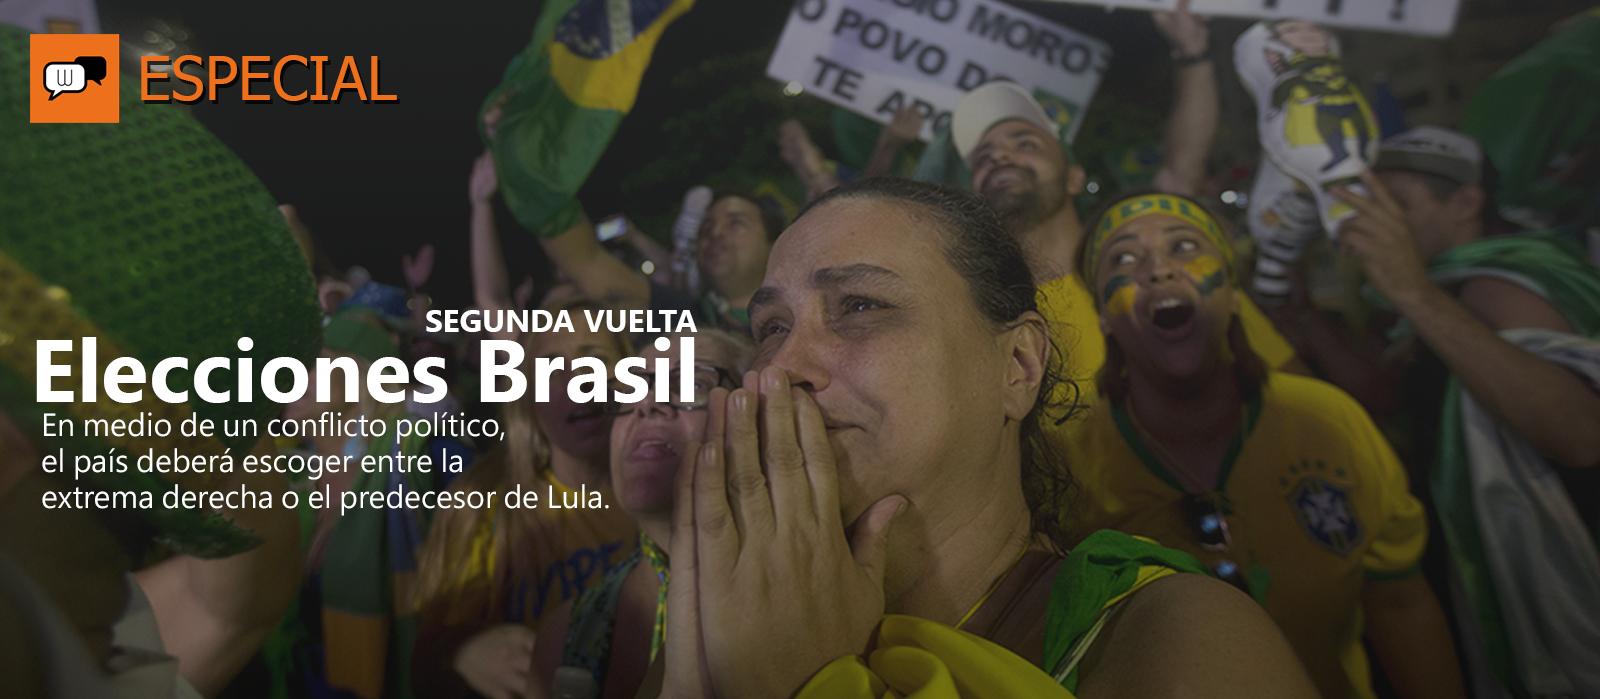 Elecciones presidenciales Brasil - Segunda Vuelta